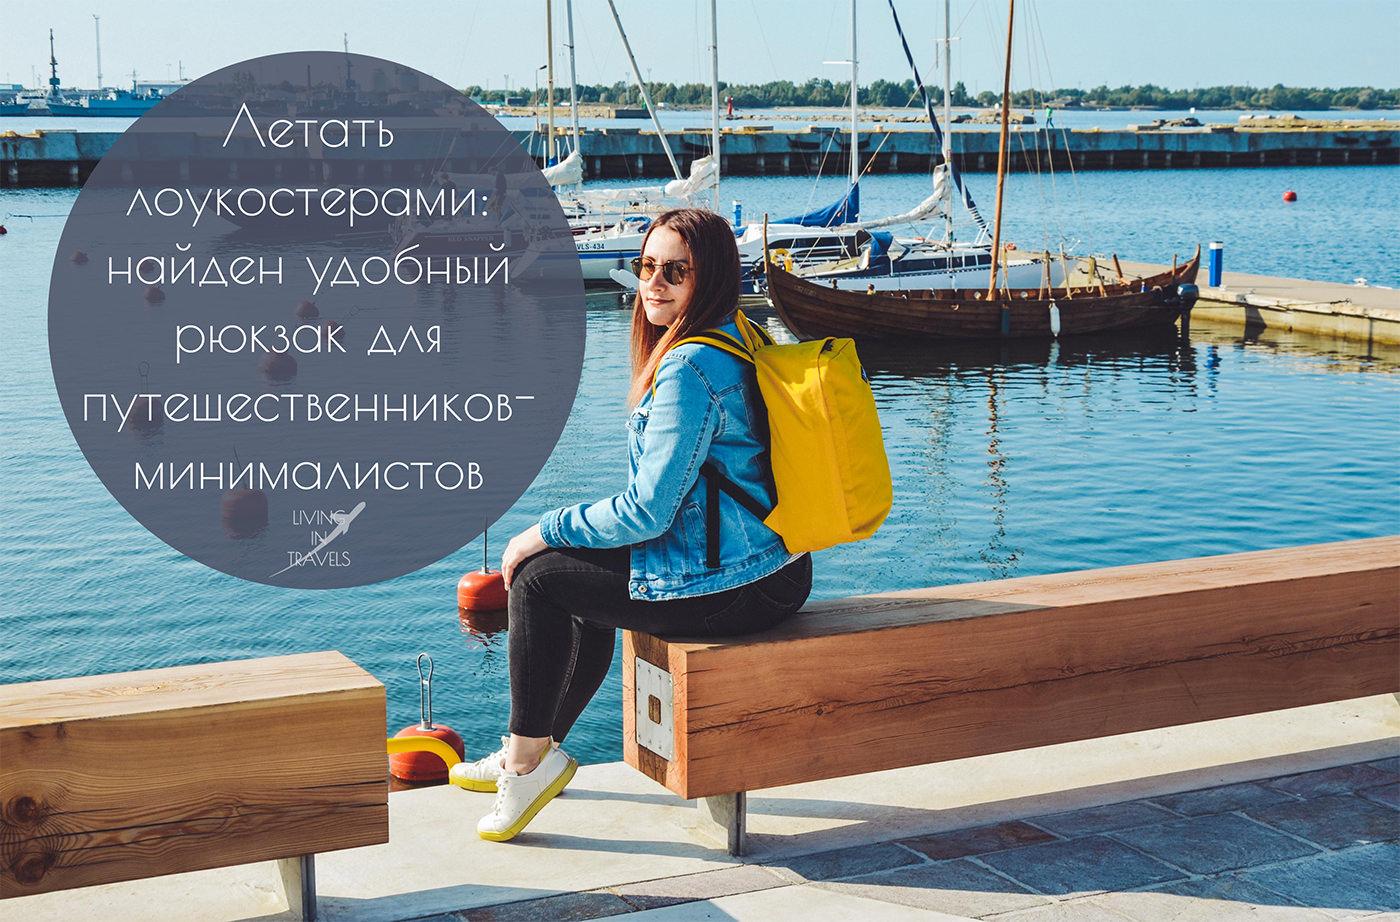 Летать лоукостерами: найден удобный рюкзак для путешественников-минималистов